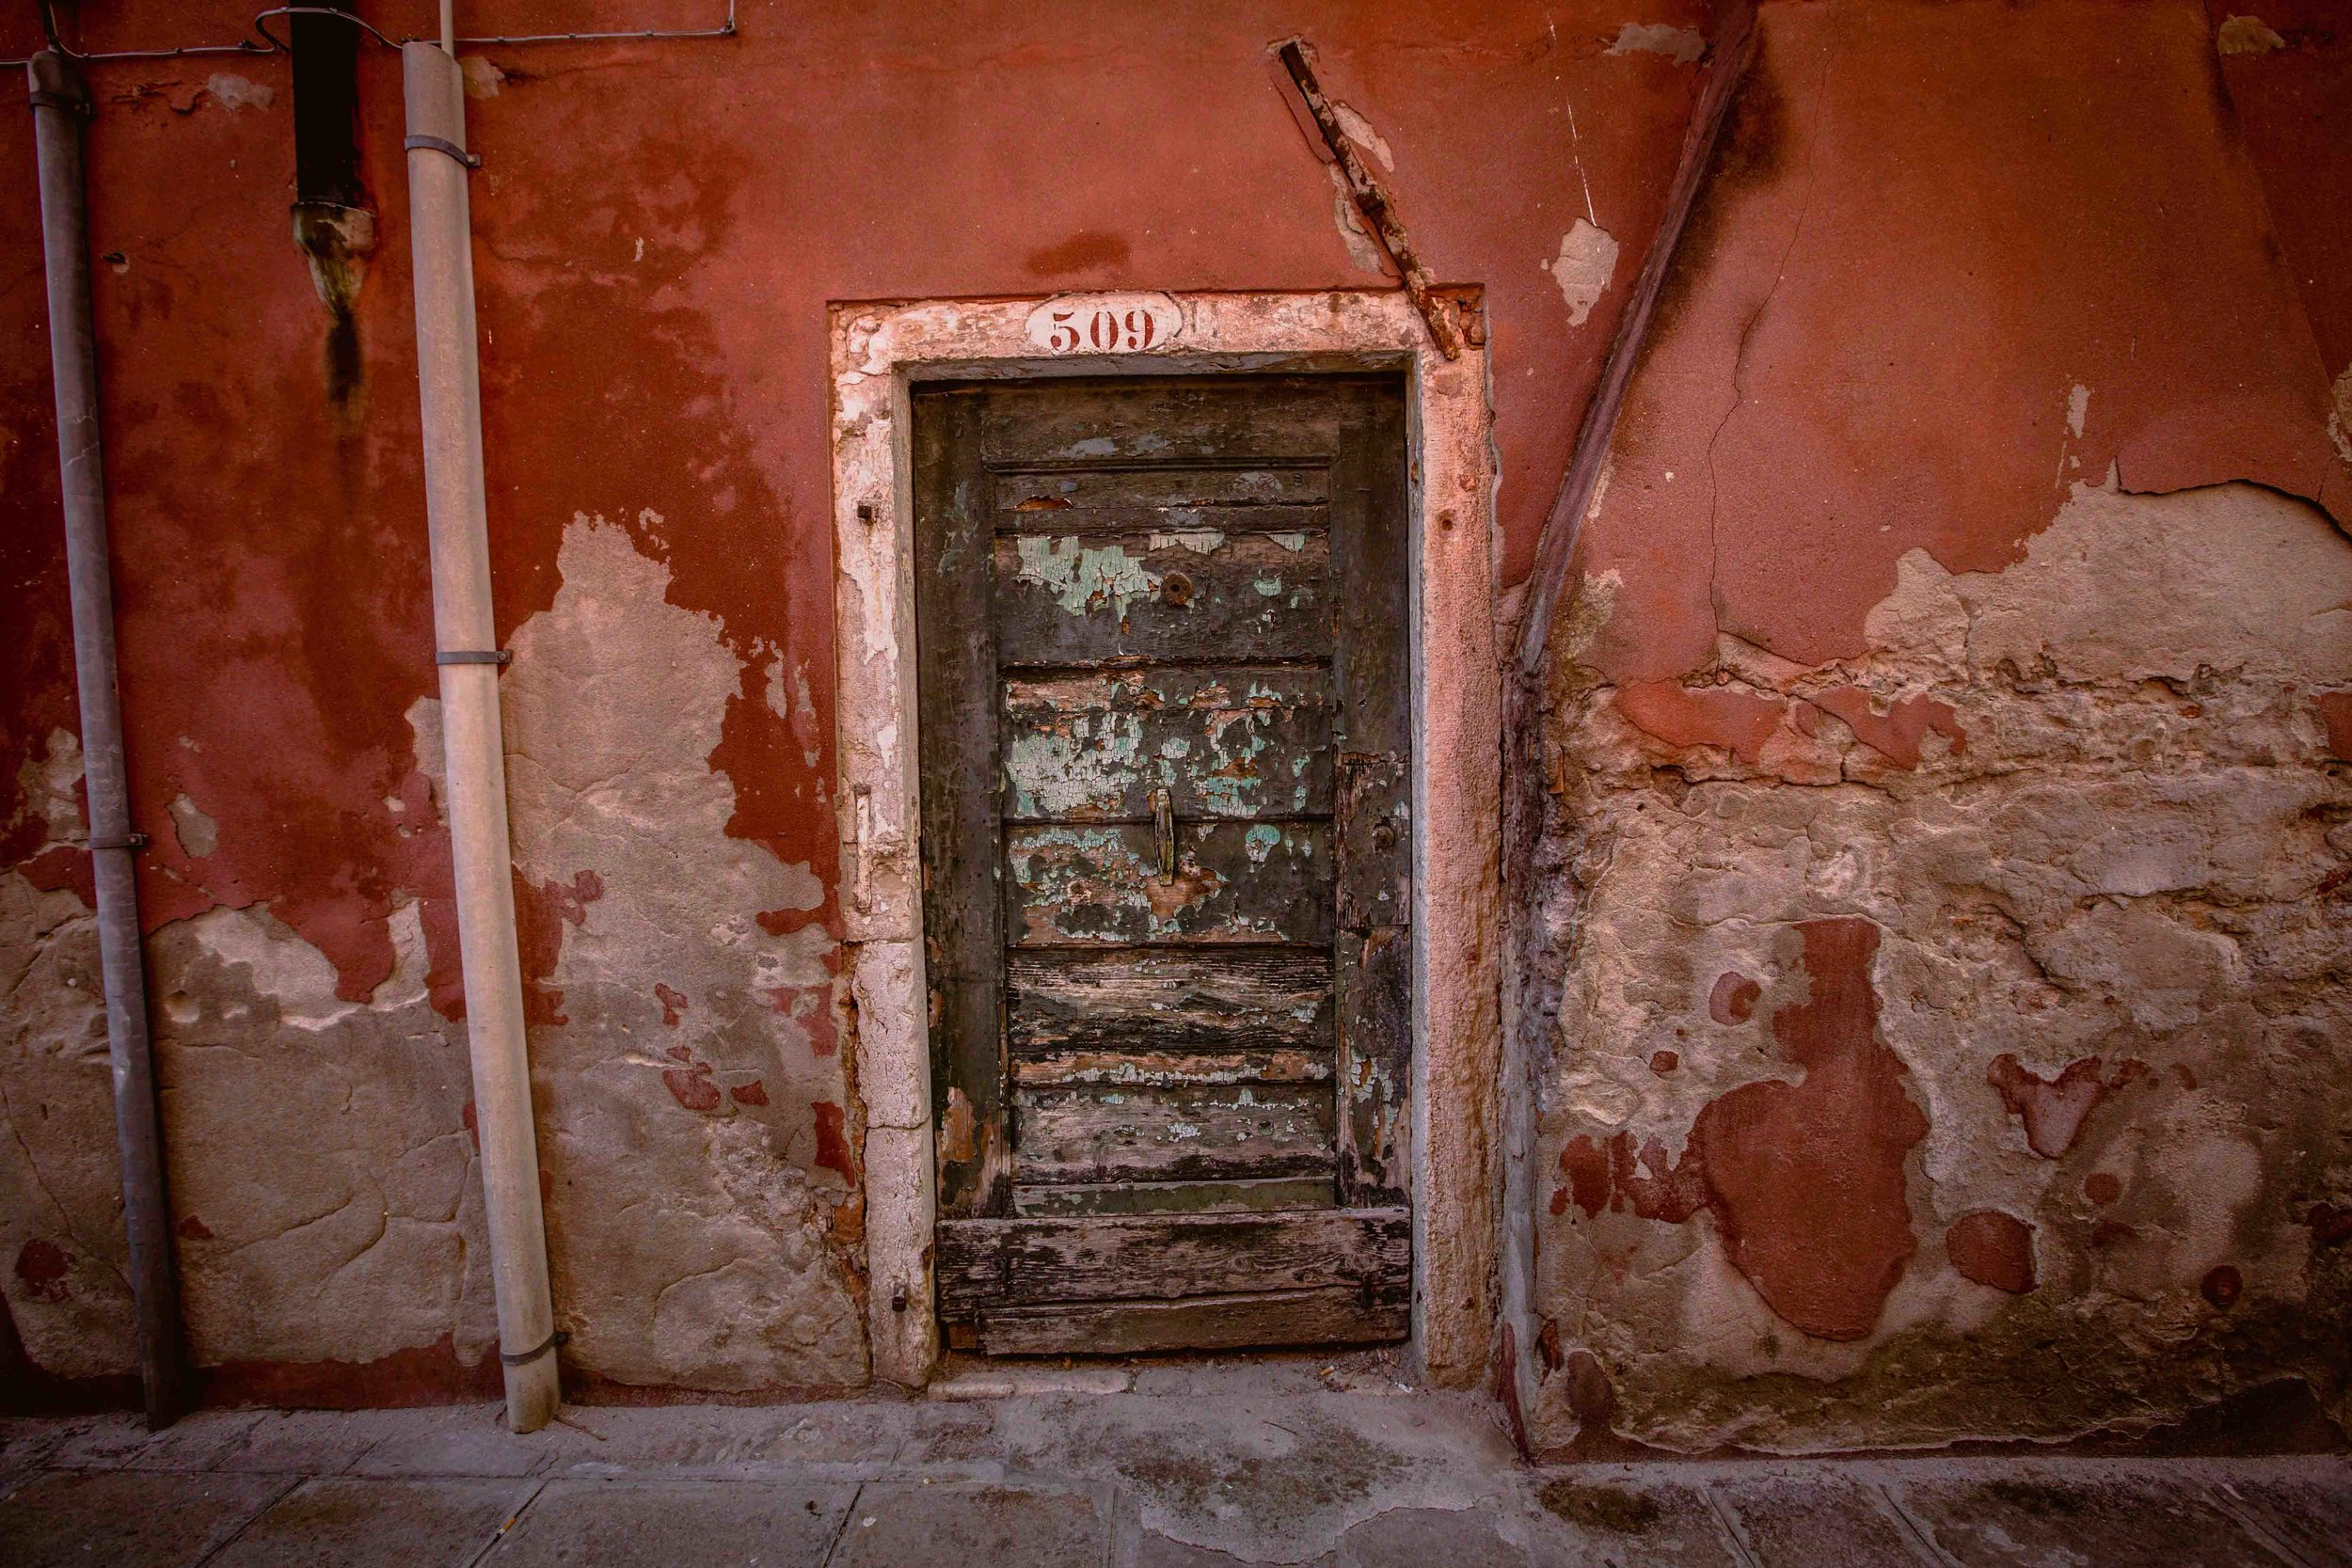 Giudecca  PHOTOGRAPHY: Mirko Fin • Canon EOS 6D • EF16-35mm Ƒ/2.8L @ 38MM • Ƒ/8 • 1/200 SEC • ISO 800